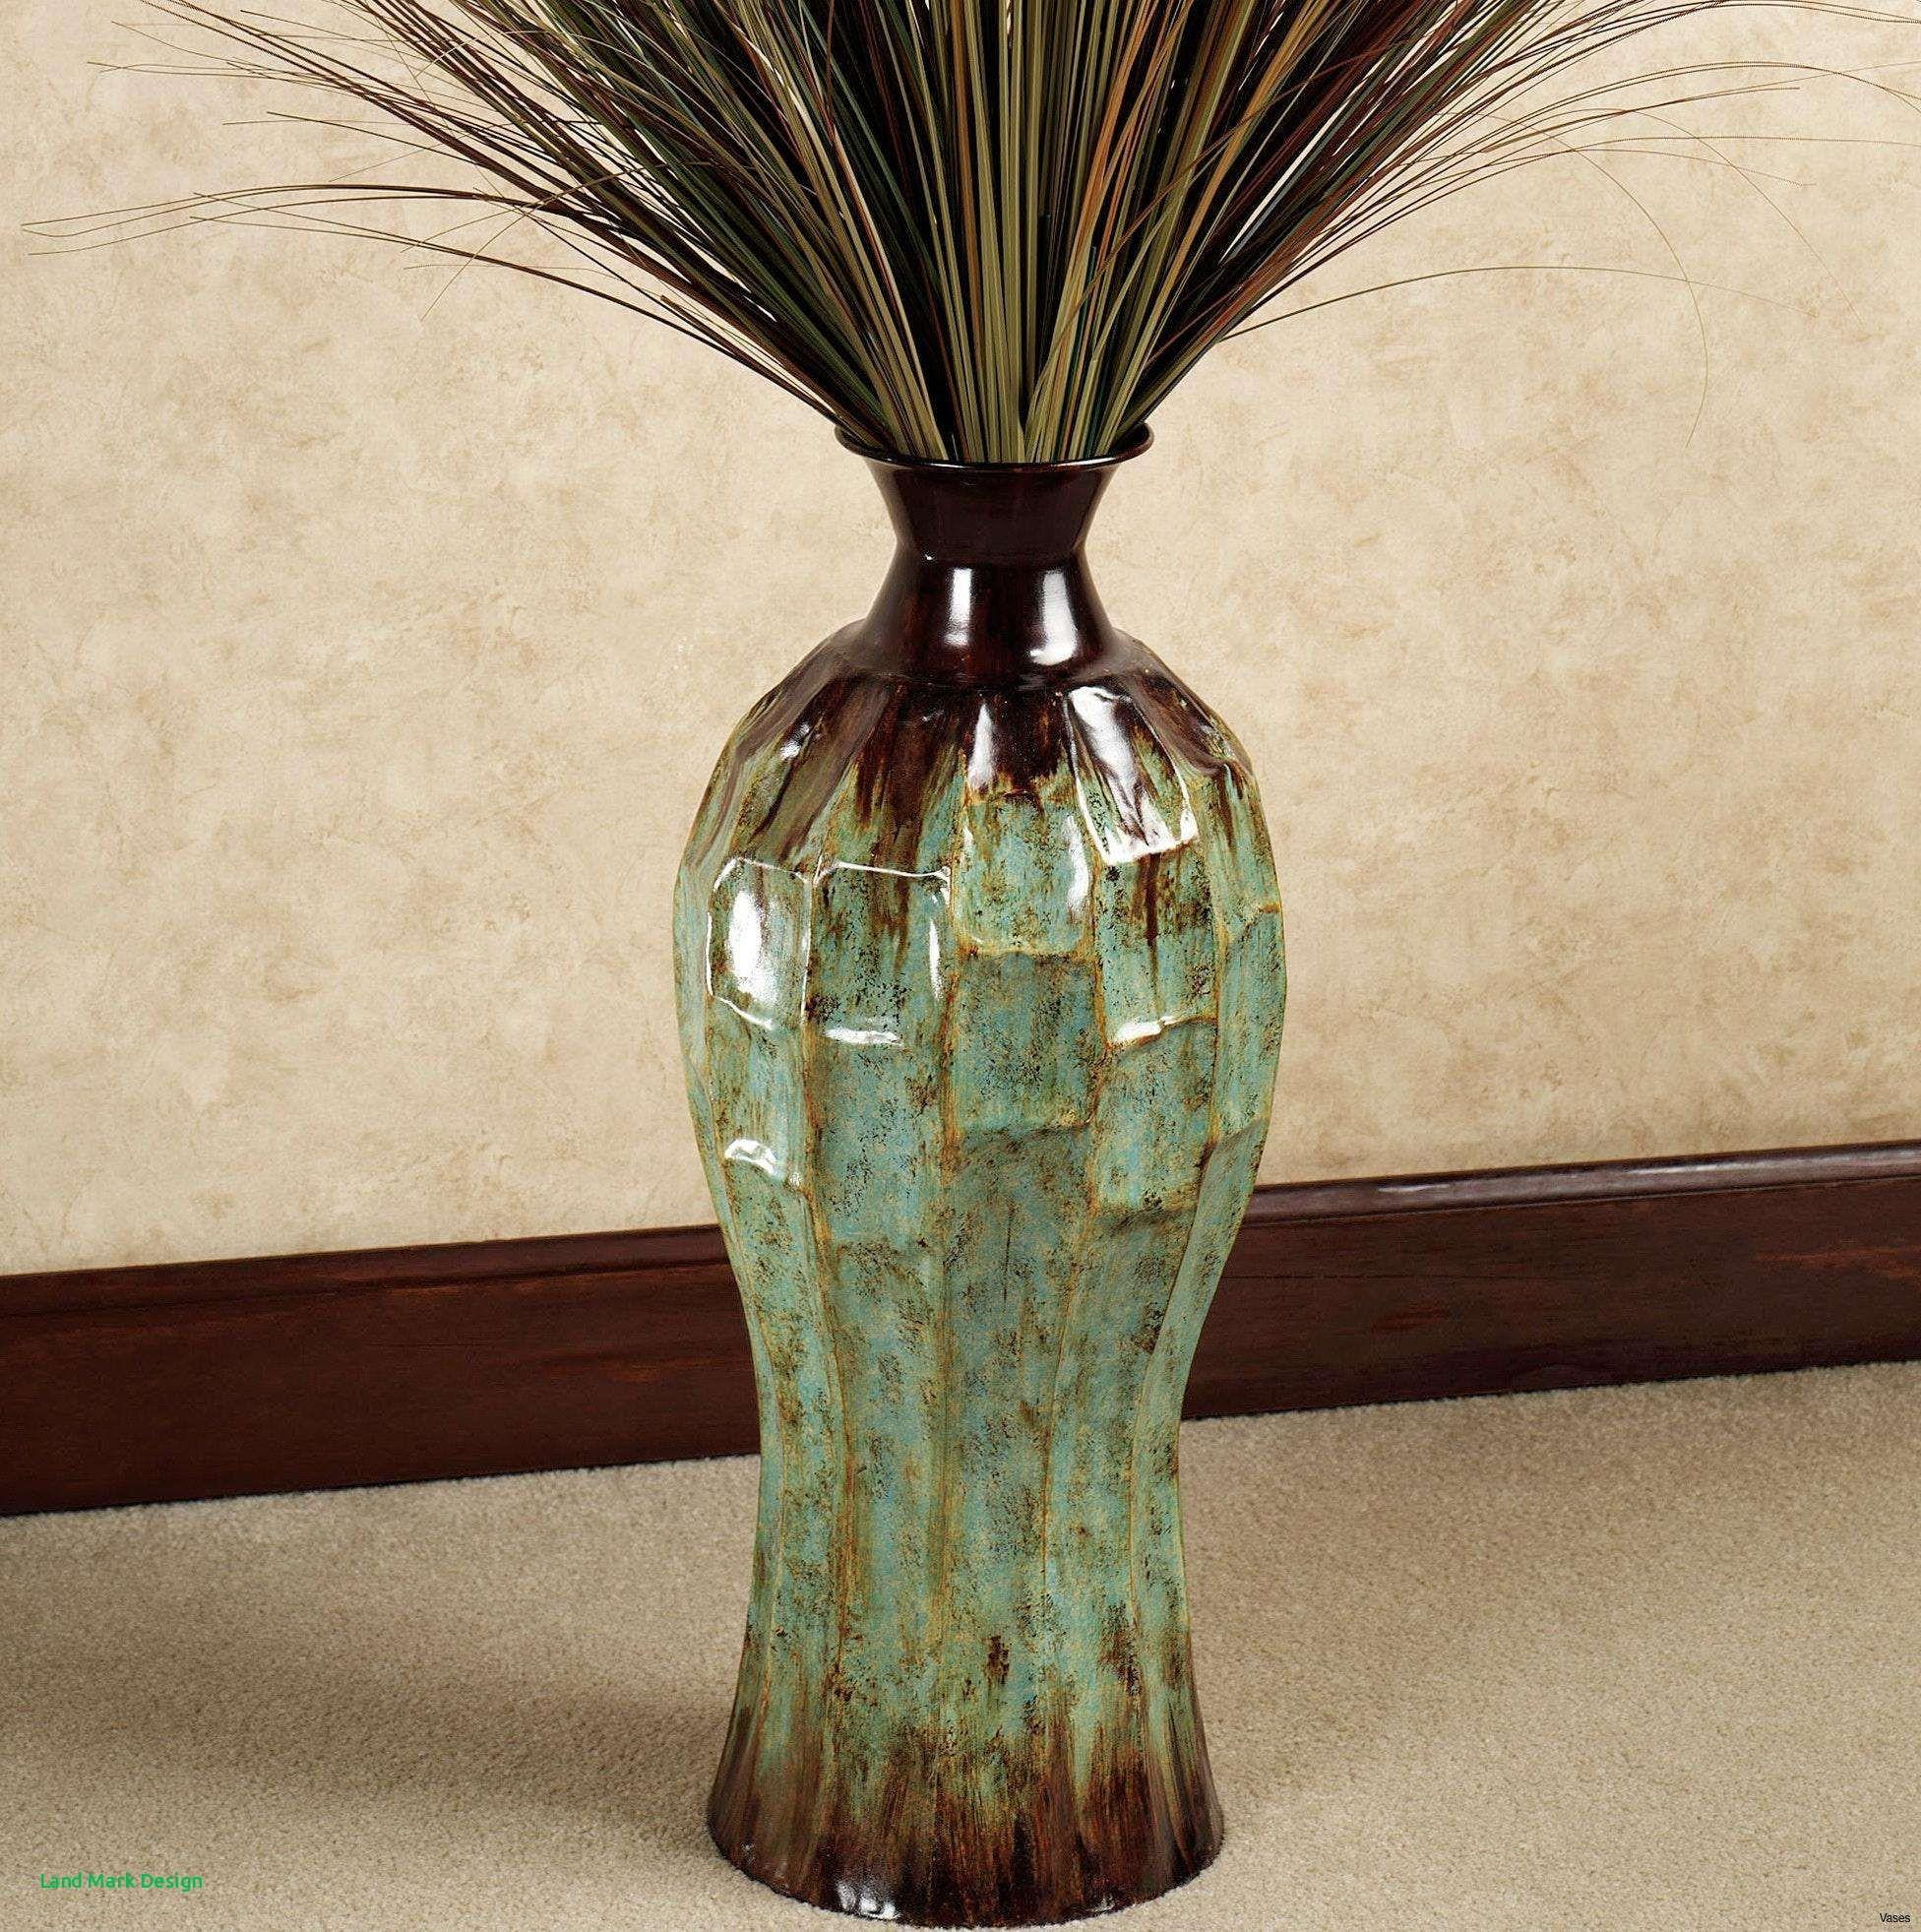 Buy Floor Vases Online Of Crystal Vase Fillers Beautiful Floor Vase Fillers the Weekly World Throughout Crystal Vase Fillers Beautiful Floor Vase Fillers